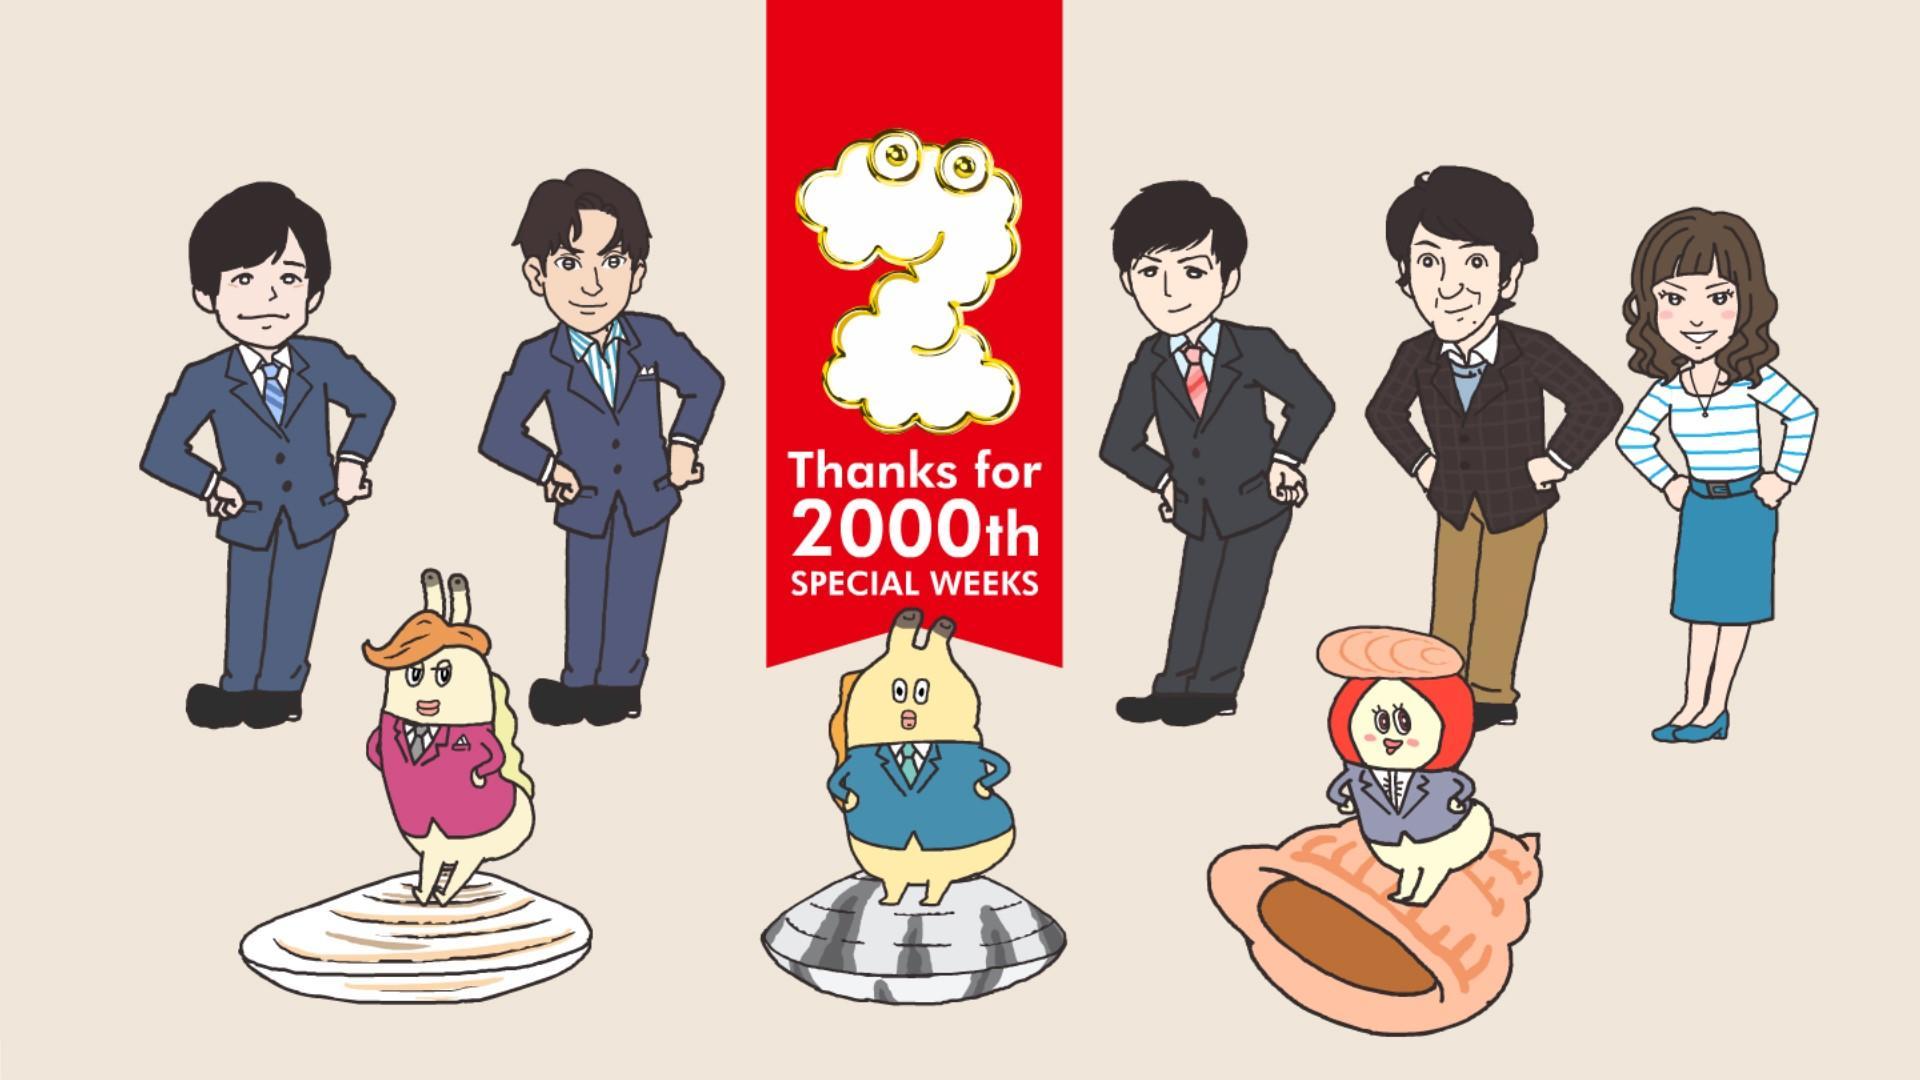 【貝社員】ZIP!2000th SPECIAL WEEKS 特別企画 「朝だよ!貝社員」にメインパーソナリティーが毎日登場!! 風間俊介、山下健二郎、工藤阿須加、田中直樹、鈴木杏樹がアニメキャラクターに!